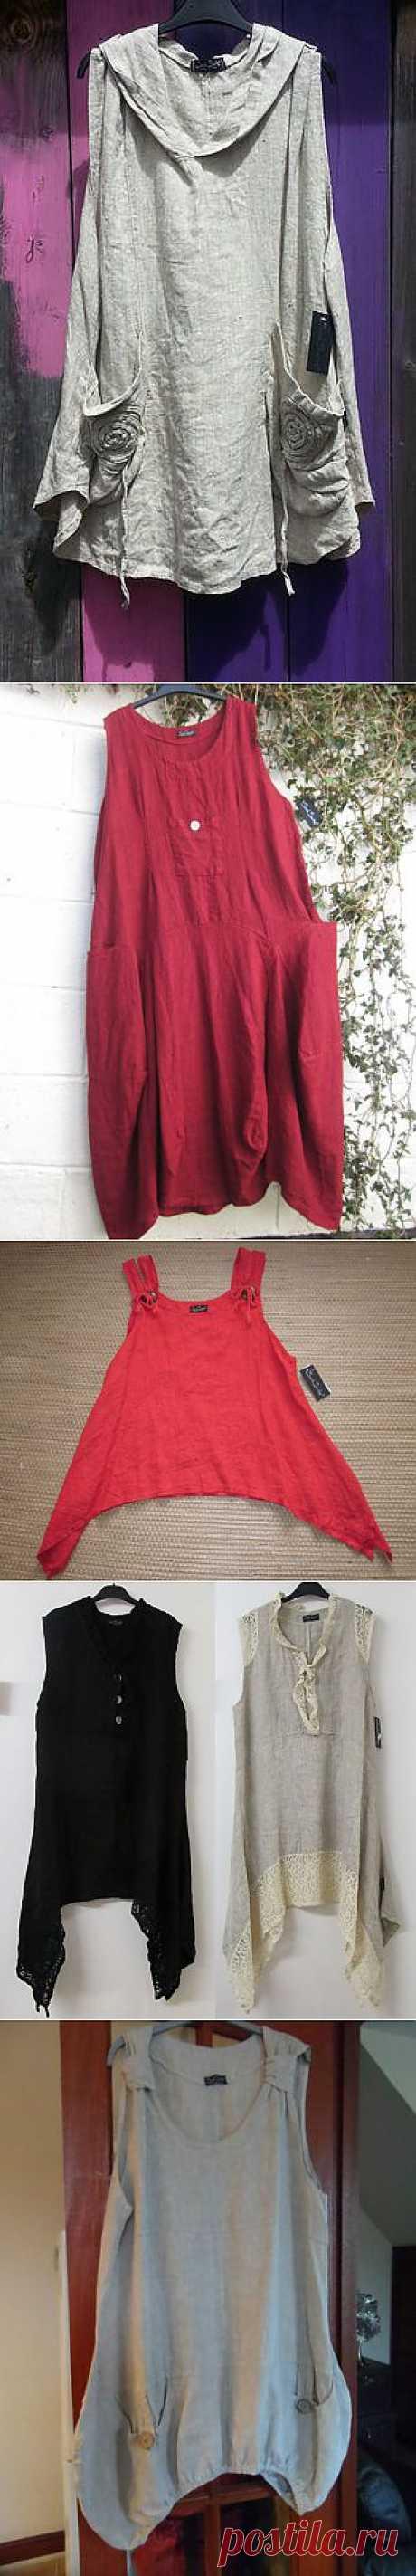 бохо.немецкая одежда с бразильским именем sarah santos.